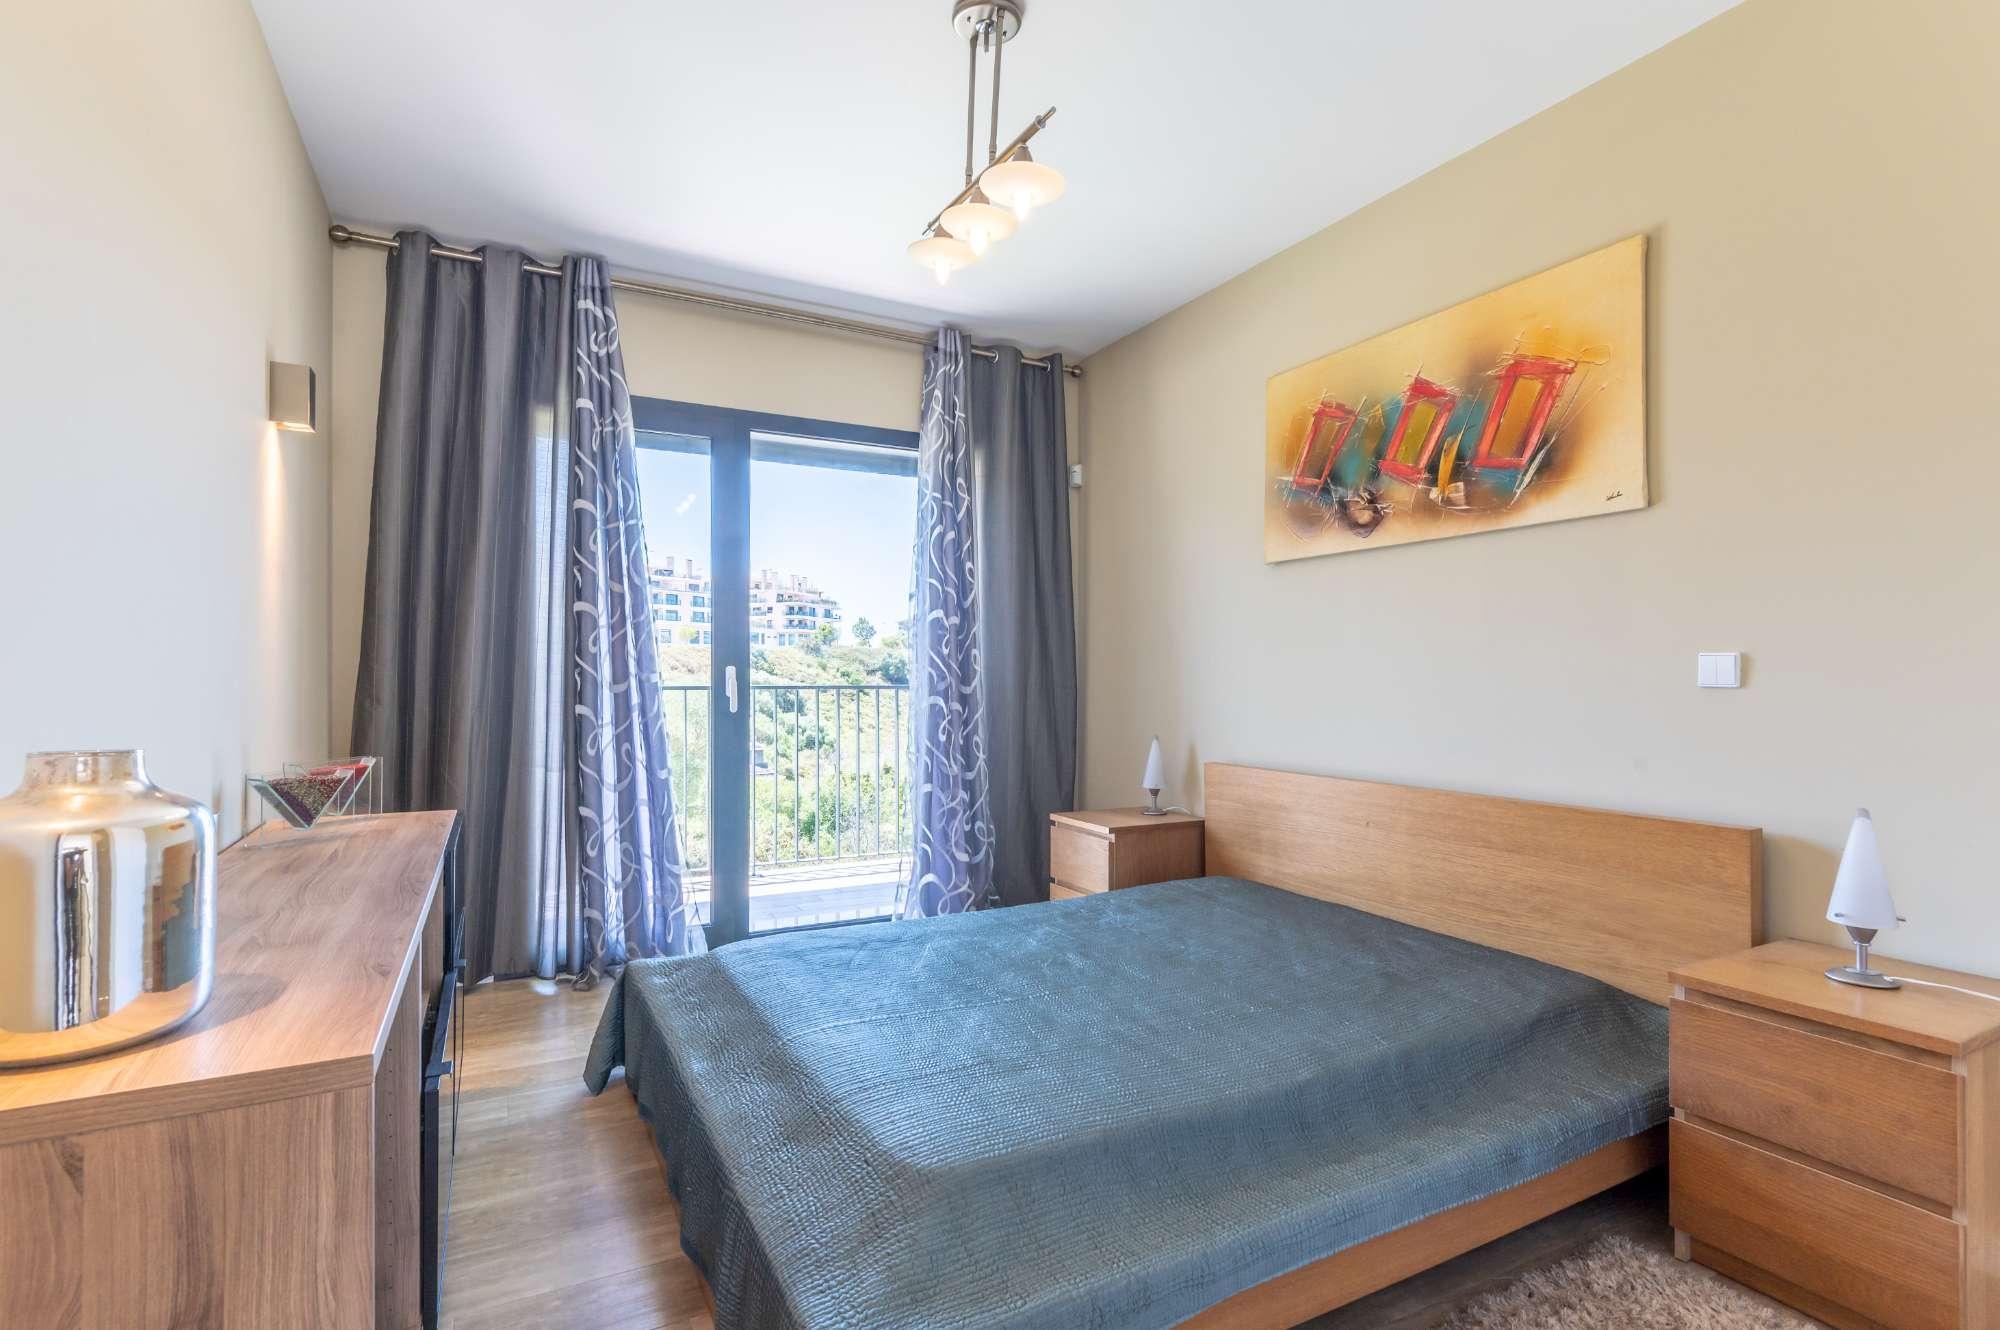 5 Bedroom Detached house, Oeiras